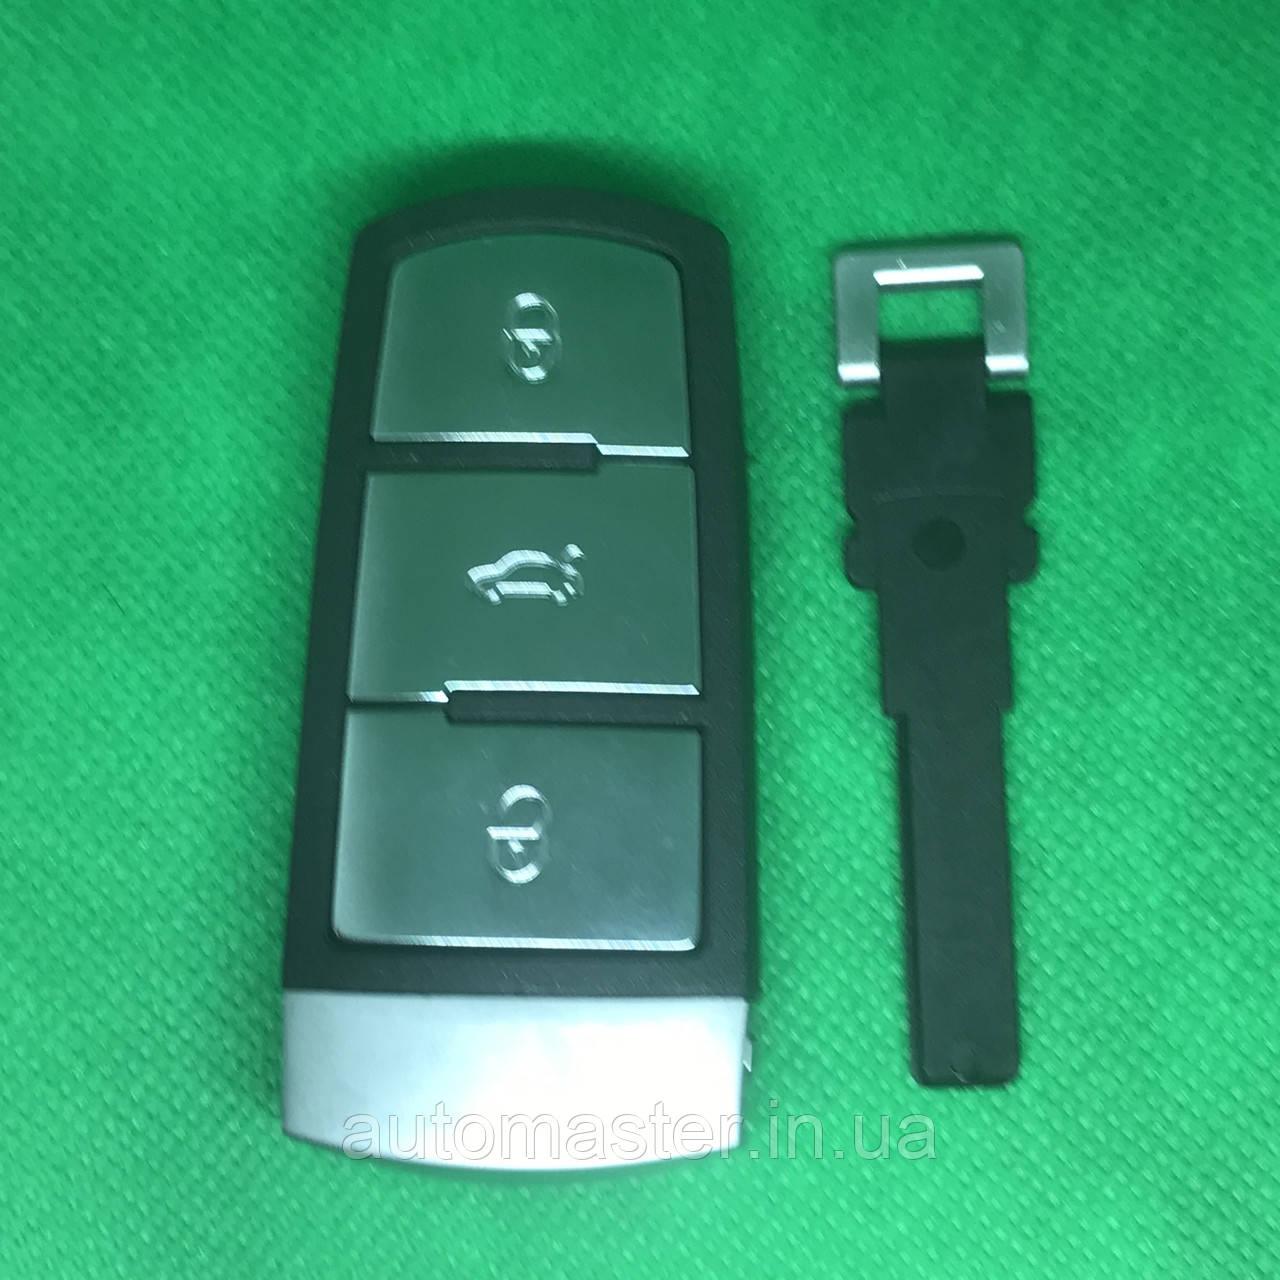 Автомобильный смарт ключ  Фольксваген Volkswagen Passat ,Passat CC3 кнопки с частотой 433 MHz ID48